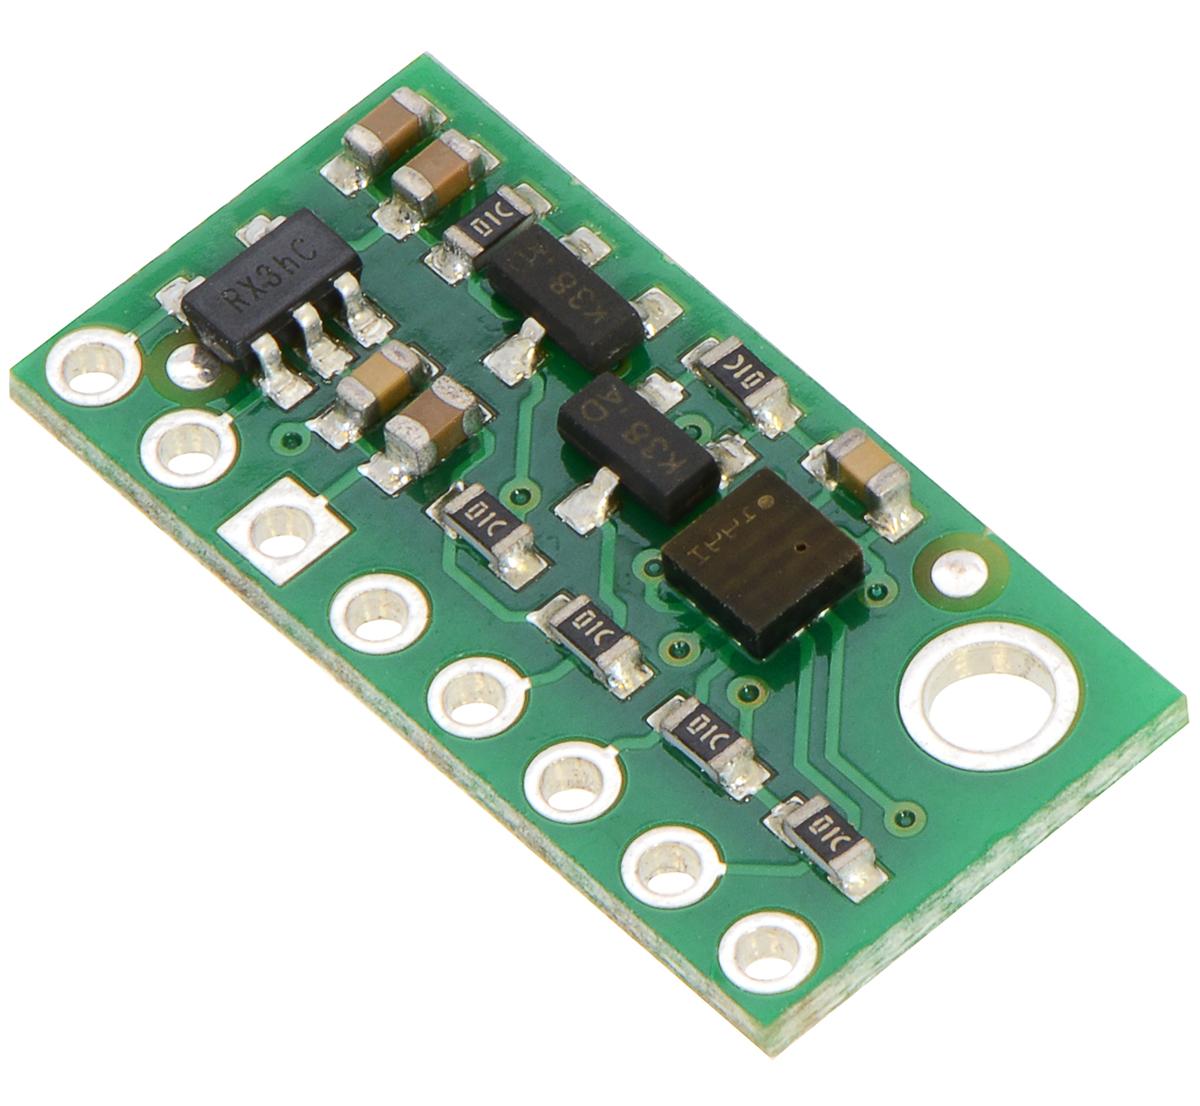 LPS25H Pressure/Altitude Sensor Carrier with Voltage Regulator